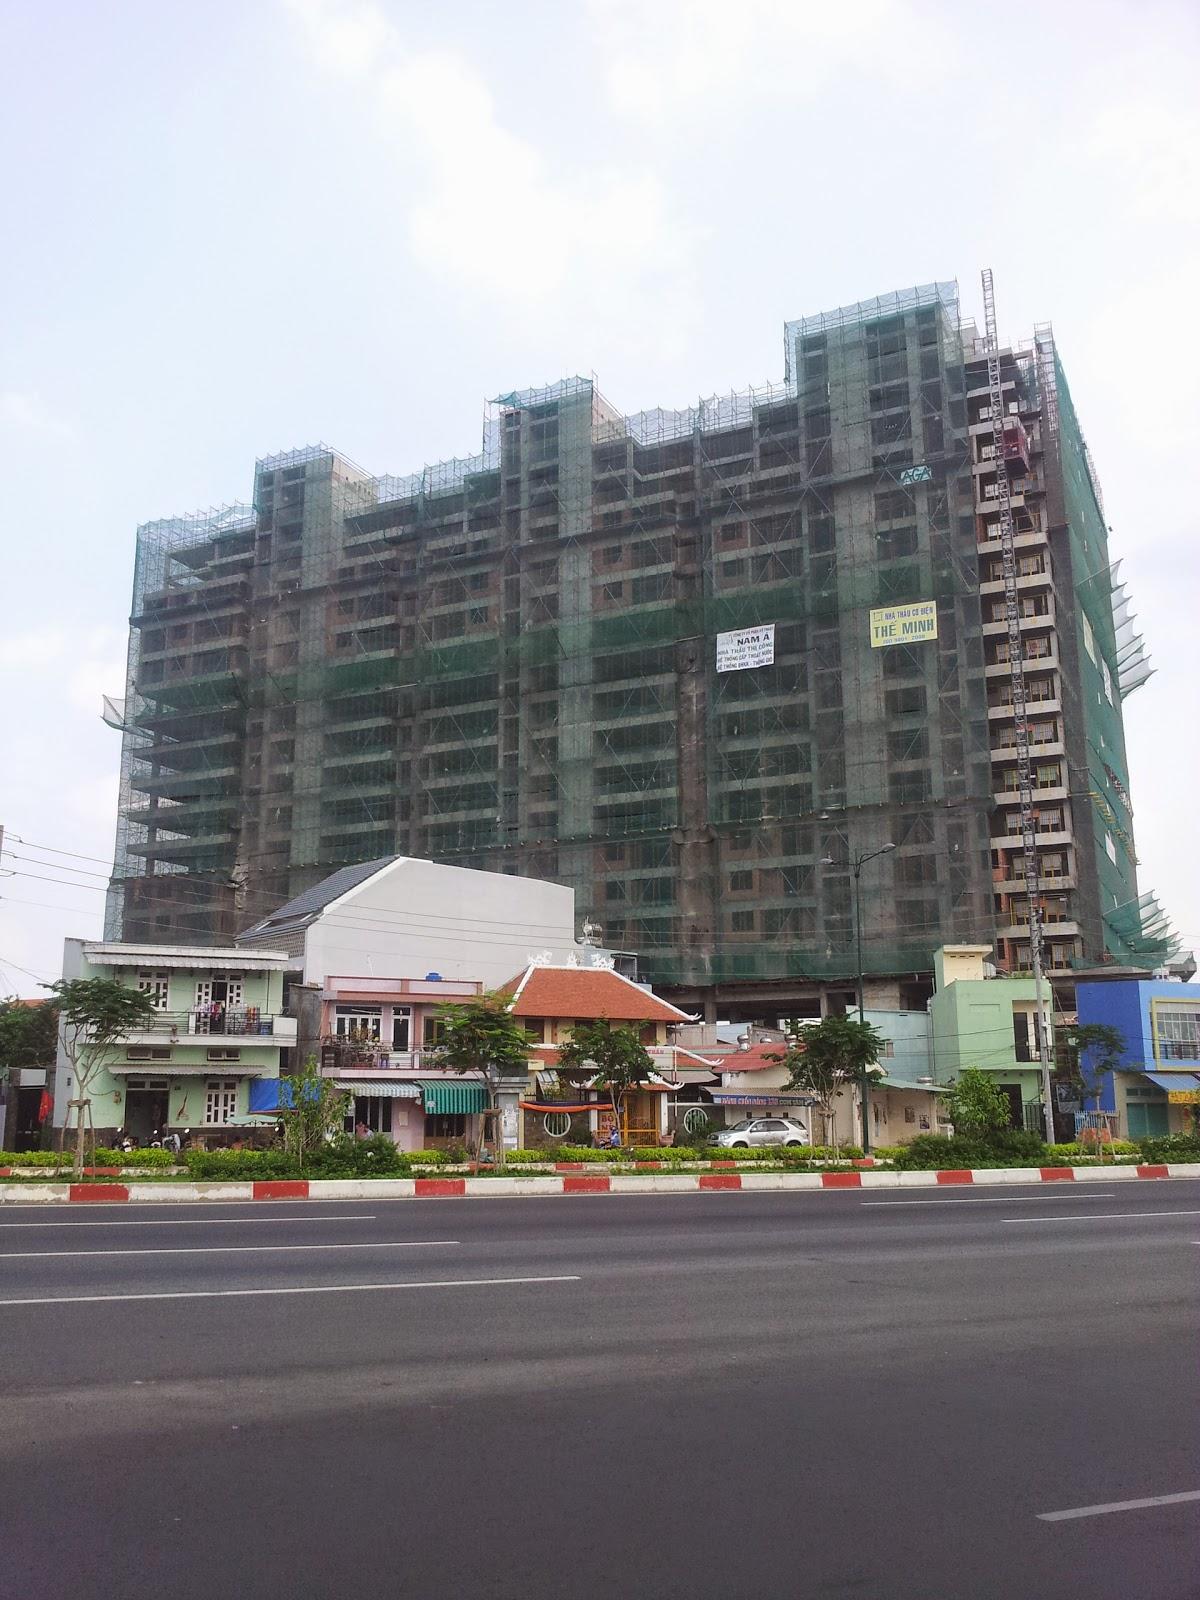 Tiến độ dự án căn hộ Sunny Plaza quận Gò Vấp ngày 3/5/2015